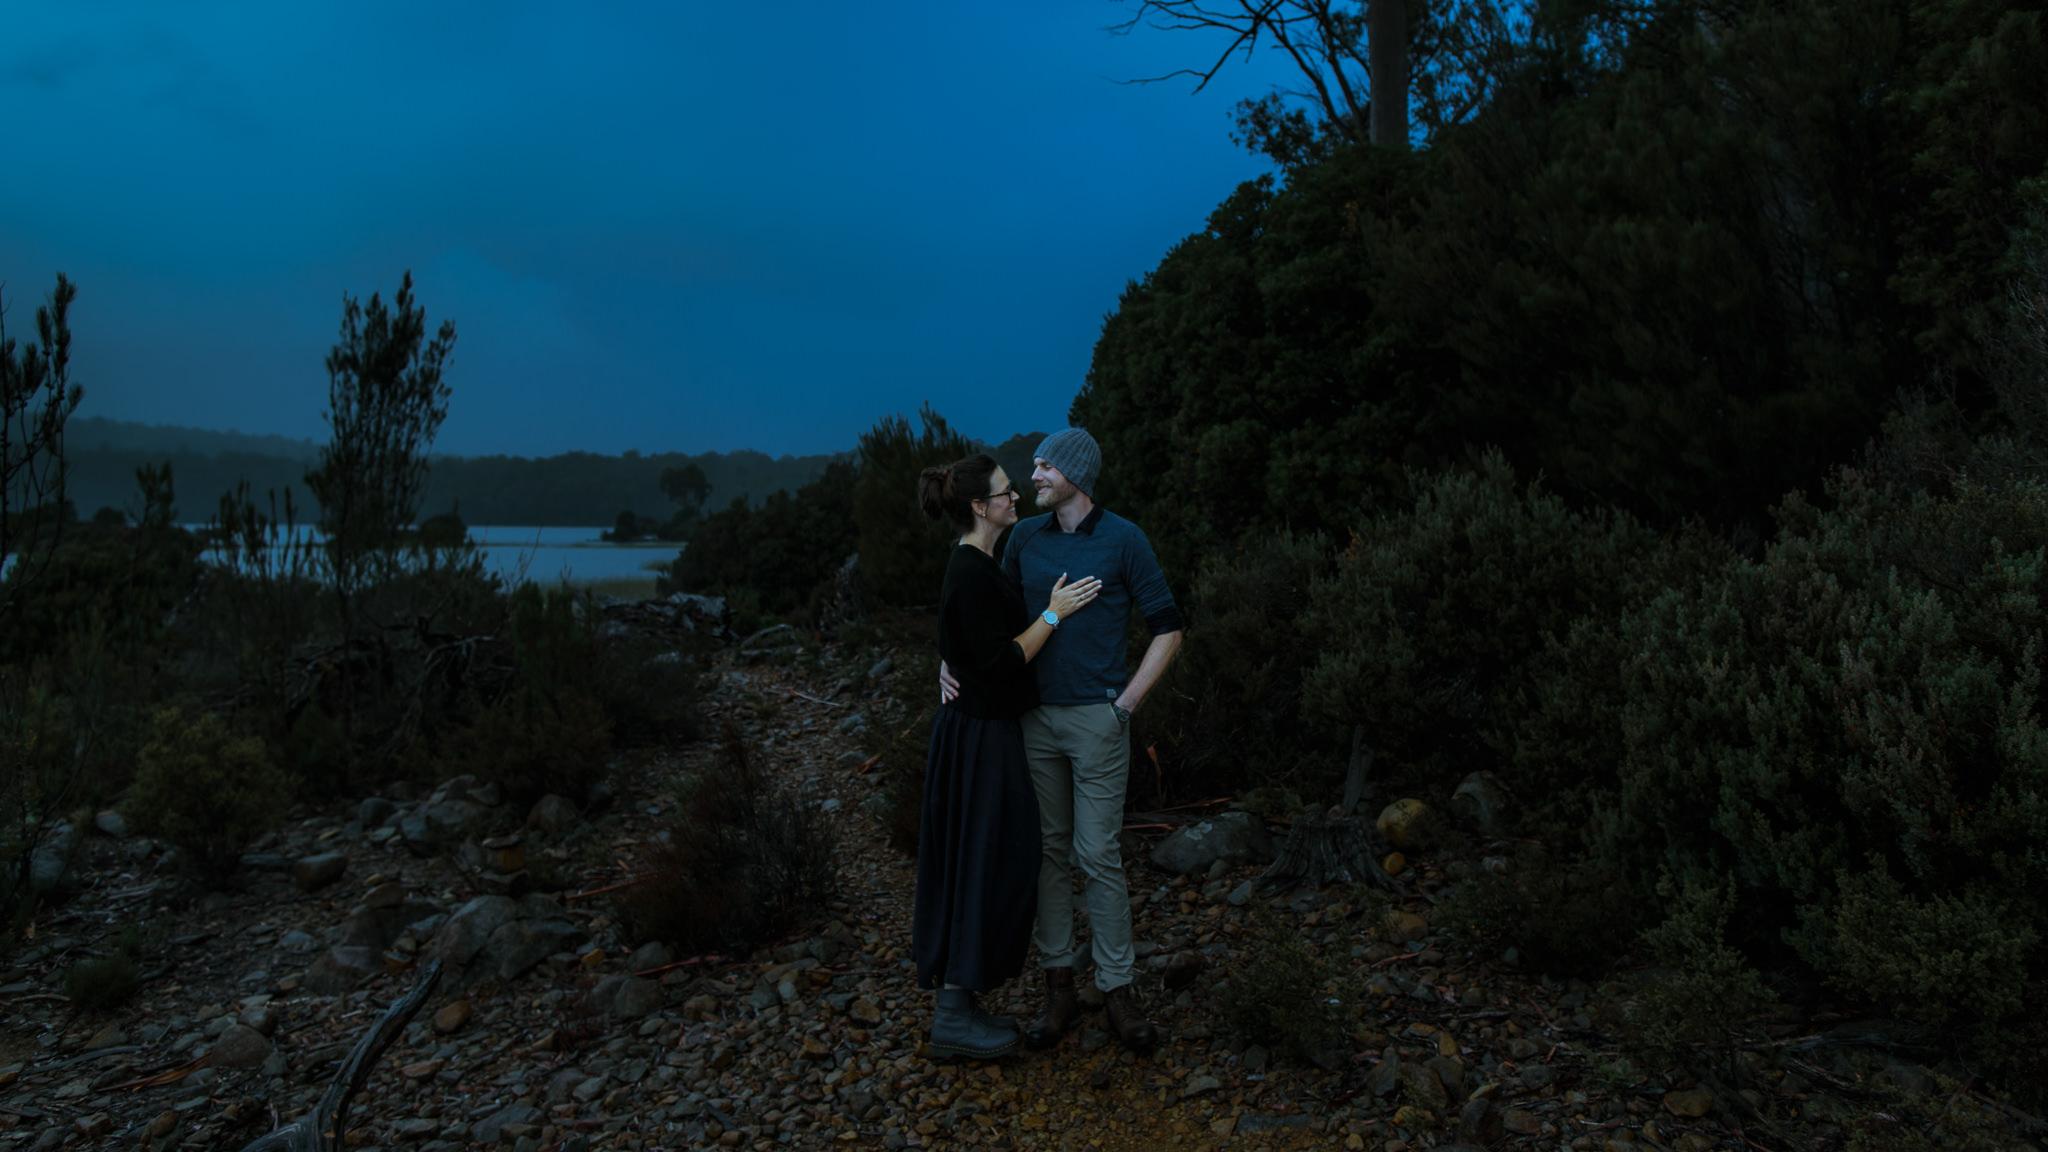 Pumphouse_Point_wedding_photography_elopement572.JPG